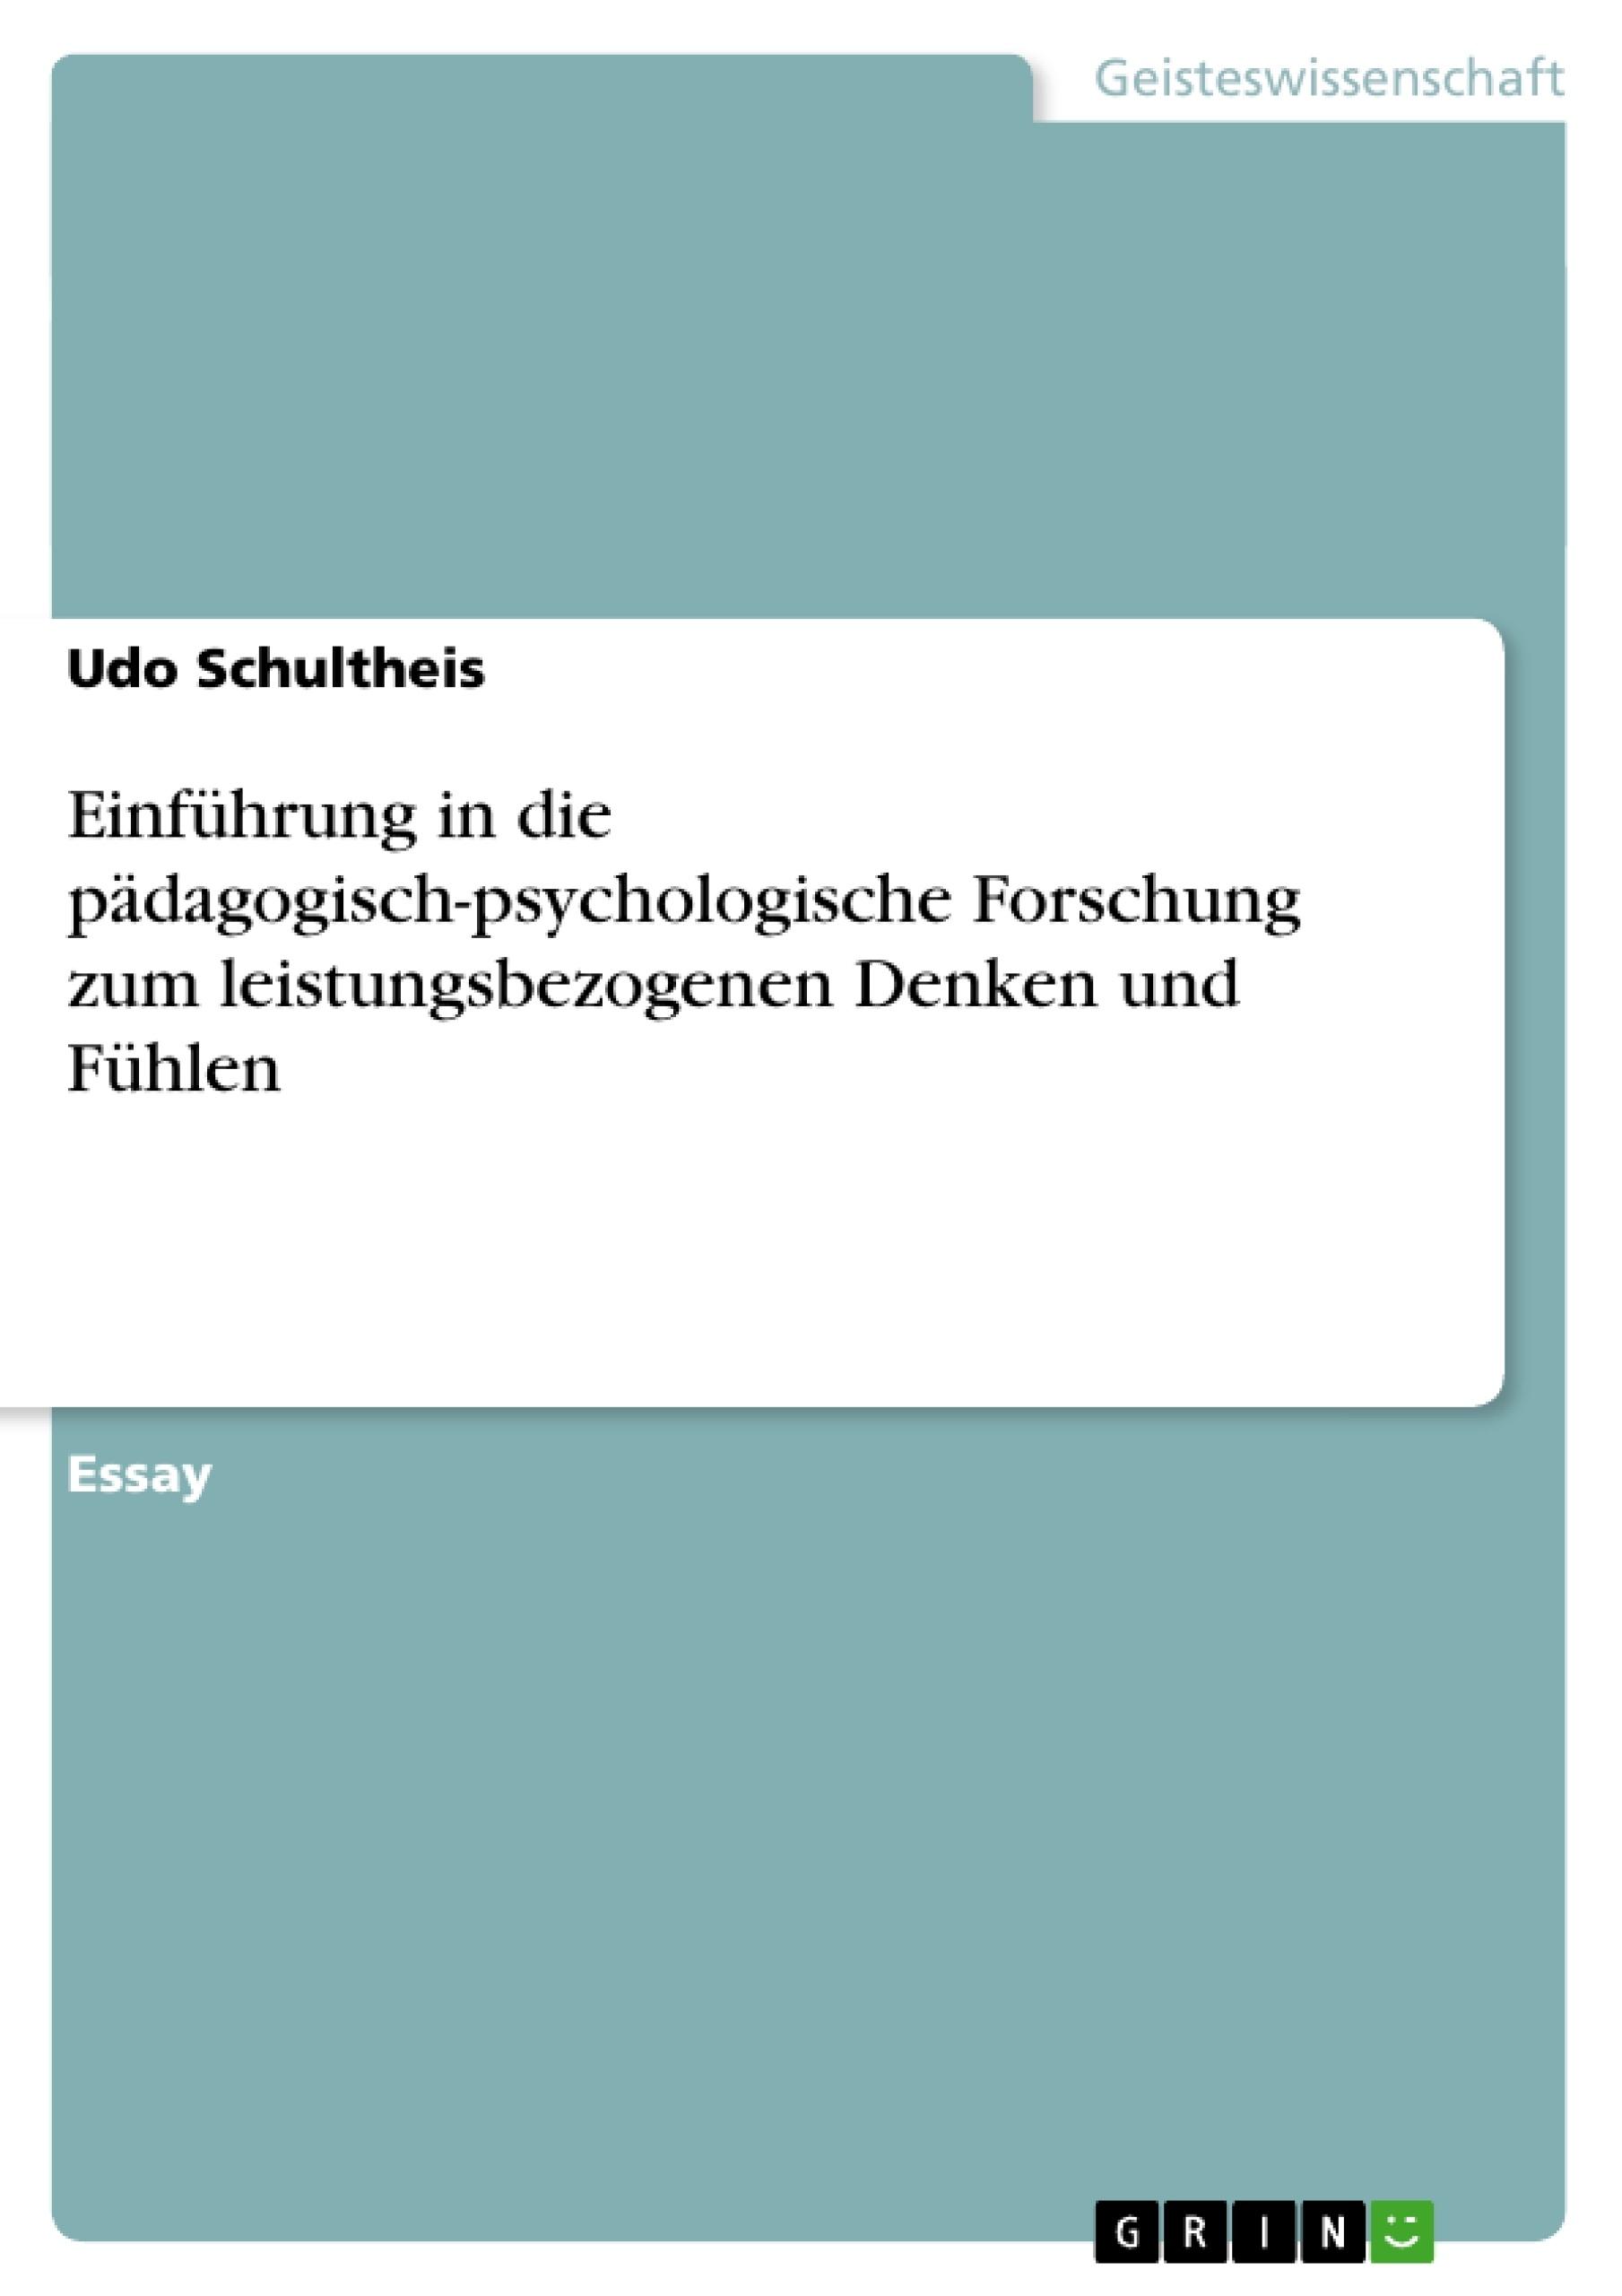 Titel: Einführung in die pädagogisch-psychologische Forschung zum leistungsbezogenen Denken und Fühlen